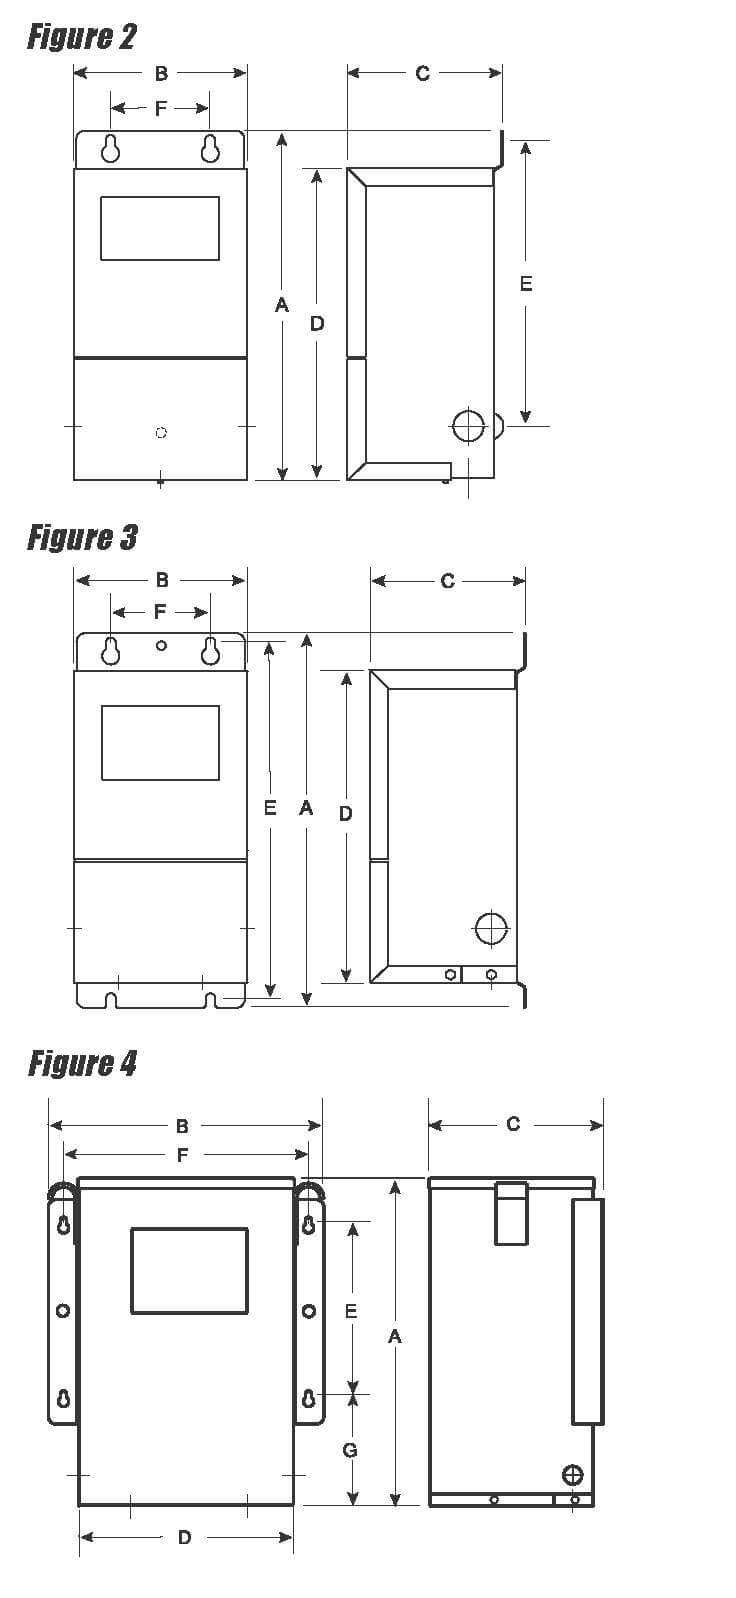 [DIAGRAM] Rex Manufacturing Transformer Wiring Diagram